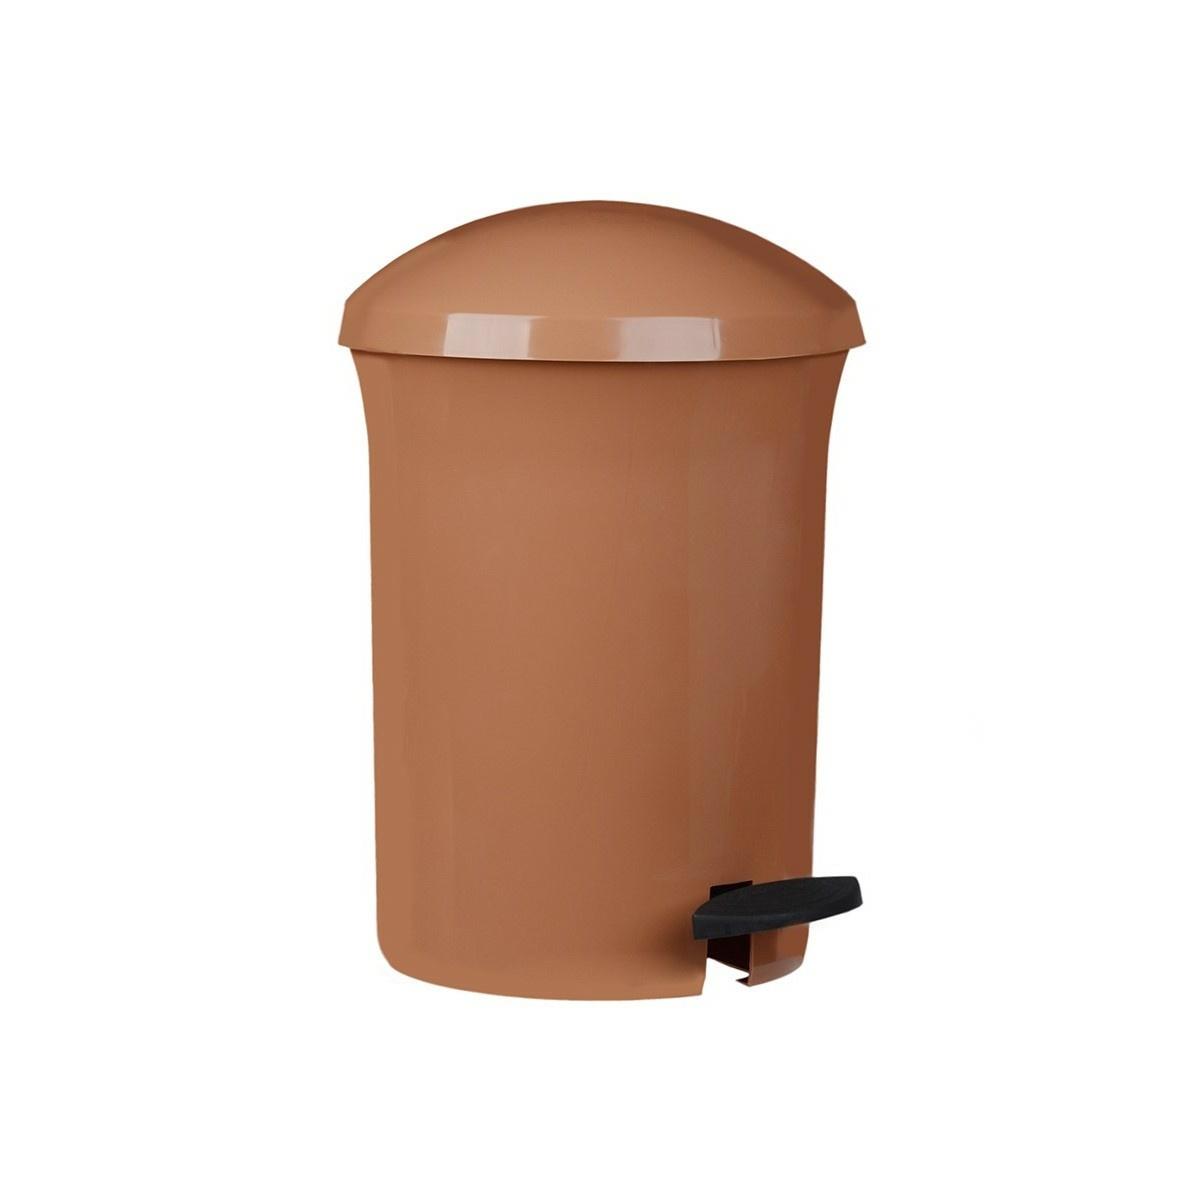 Aldo Pedálový odpadkový kôš Dust Bin 8,1 l, hnedá